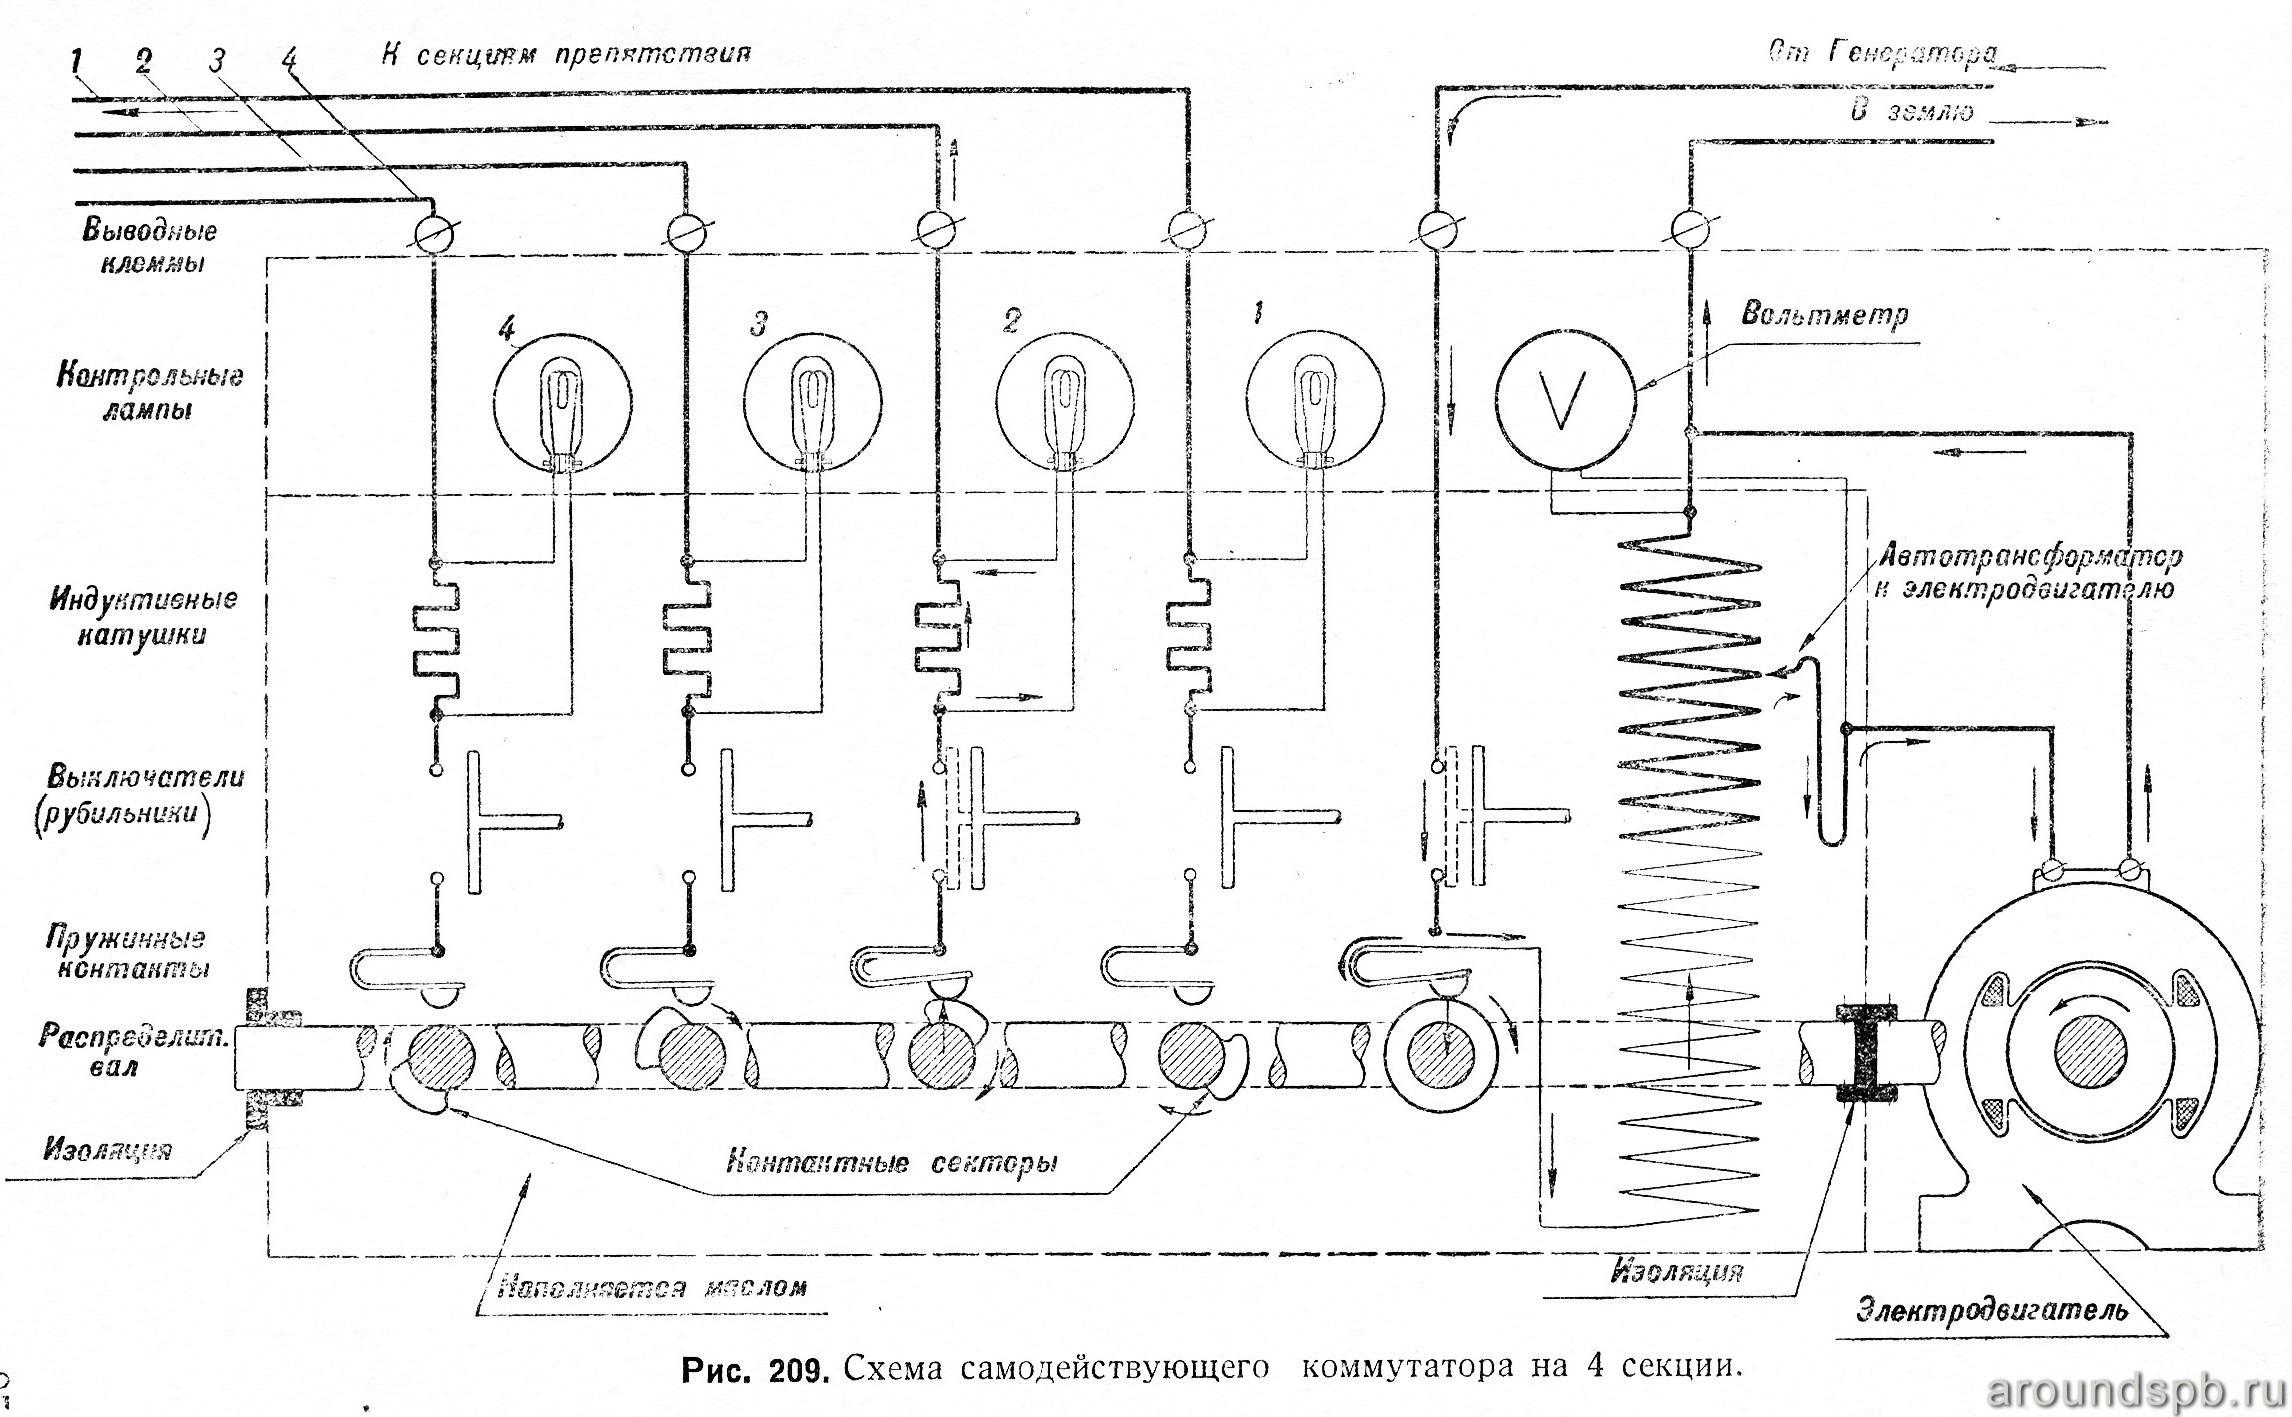 Схема самодействующего коммутатора на 4 секции